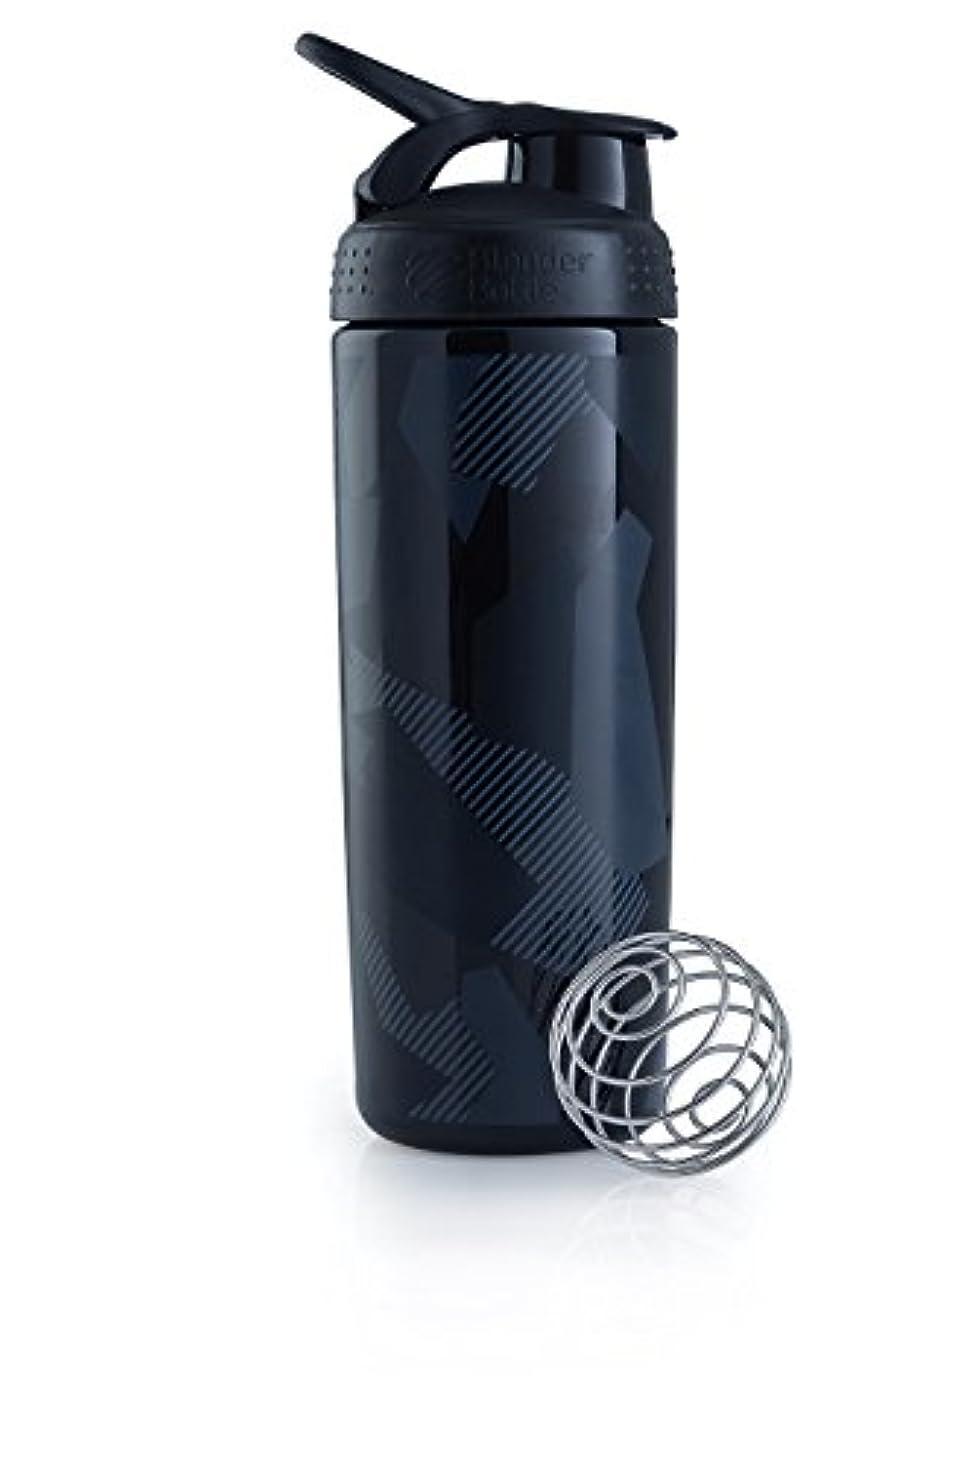 理由運賃ノベルティブレンダーボトル 【日本正規品】 ミキサー シェーカー ボトル Sports Mixer 28オンス (800ml) スレートブラック BBSMSL28 SLBK